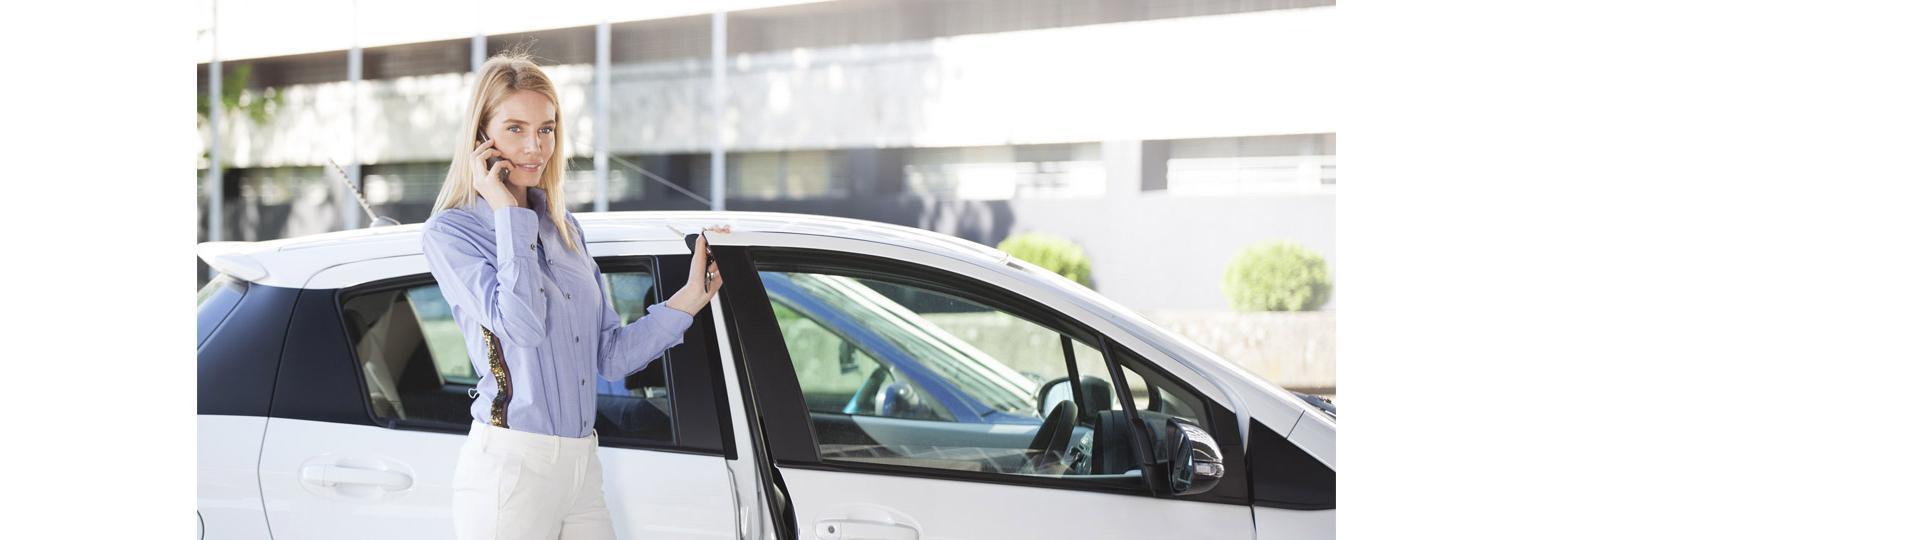 kobieta obok białego auta